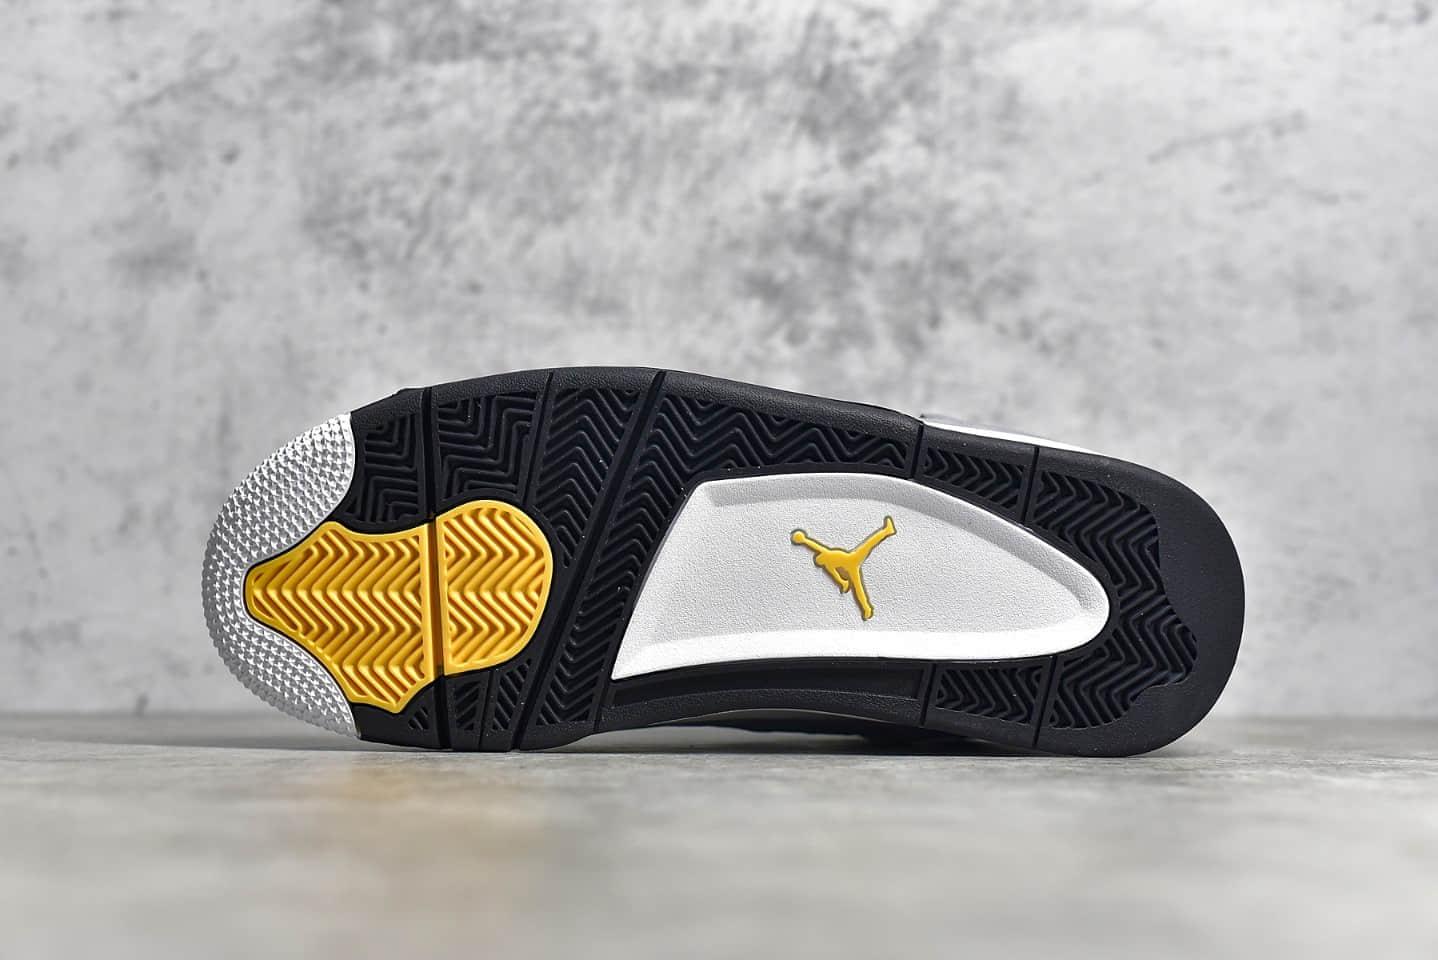 """AJ4酷灰复刻版本 Air Jordan 4 """"Cool Grey"""" 灰老鼠莆田纯原版本AJ4原厂裁片 货号:308497-007-潮流者之家"""